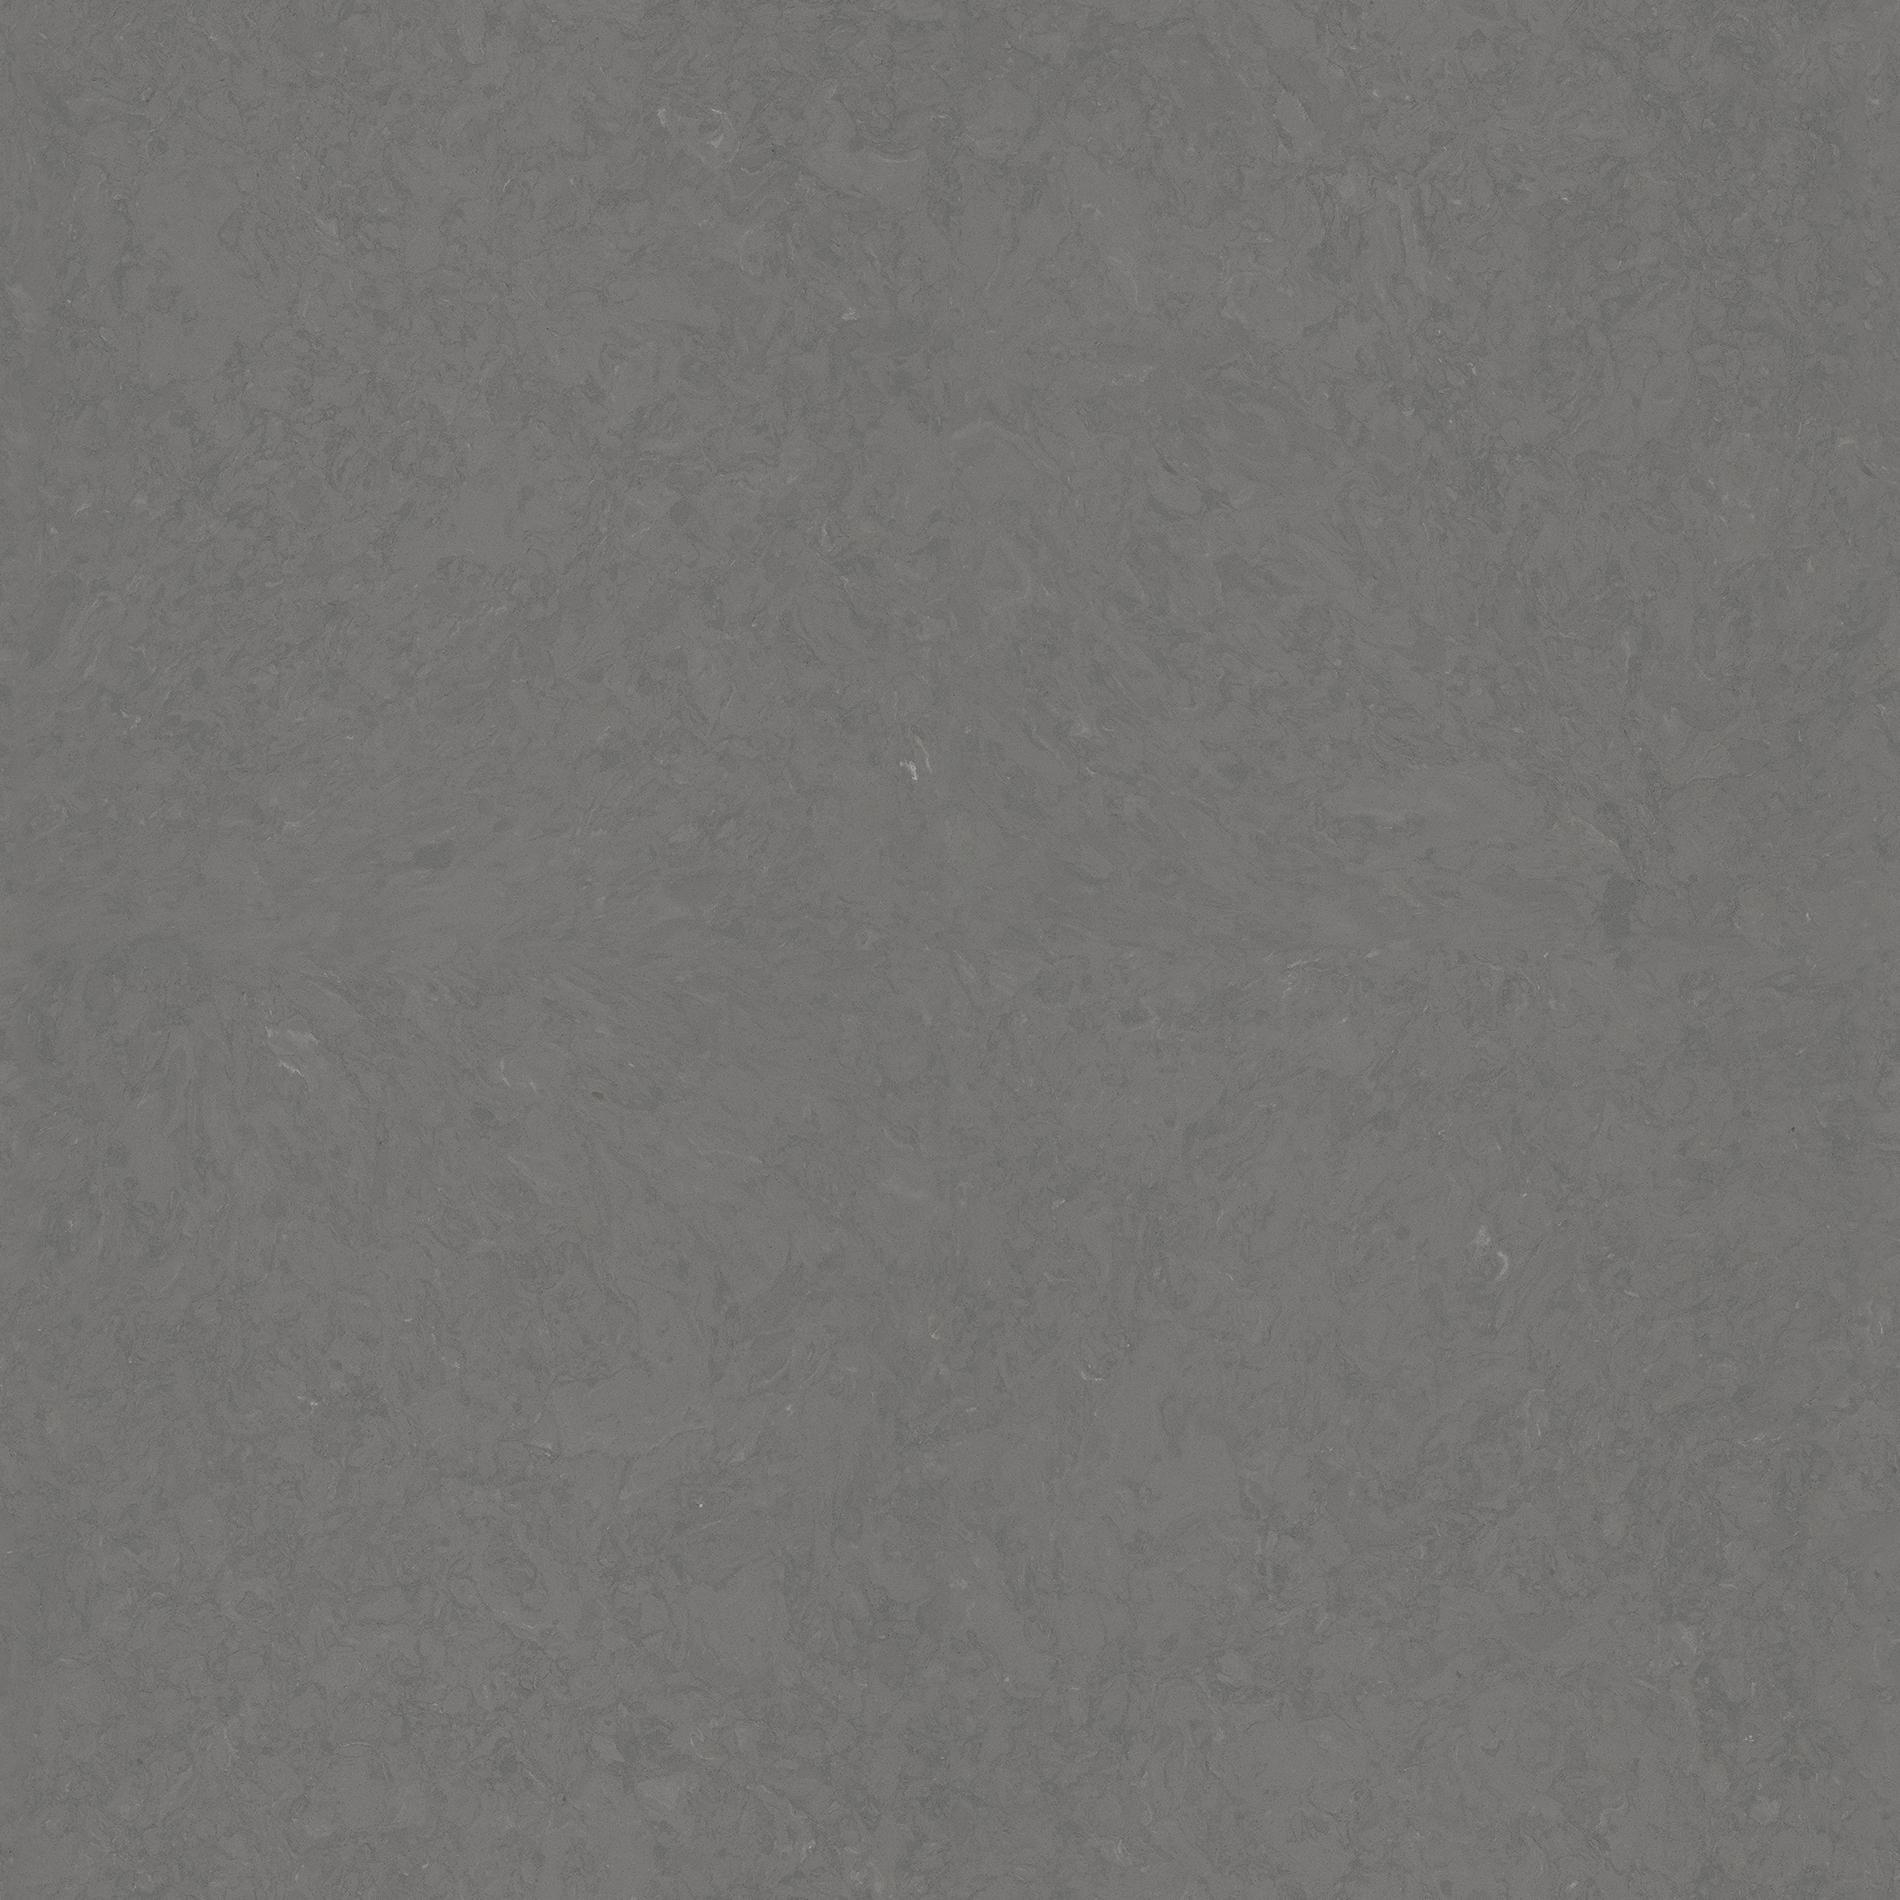 Carrick Cambria Quartz Countertops Cost Reviews